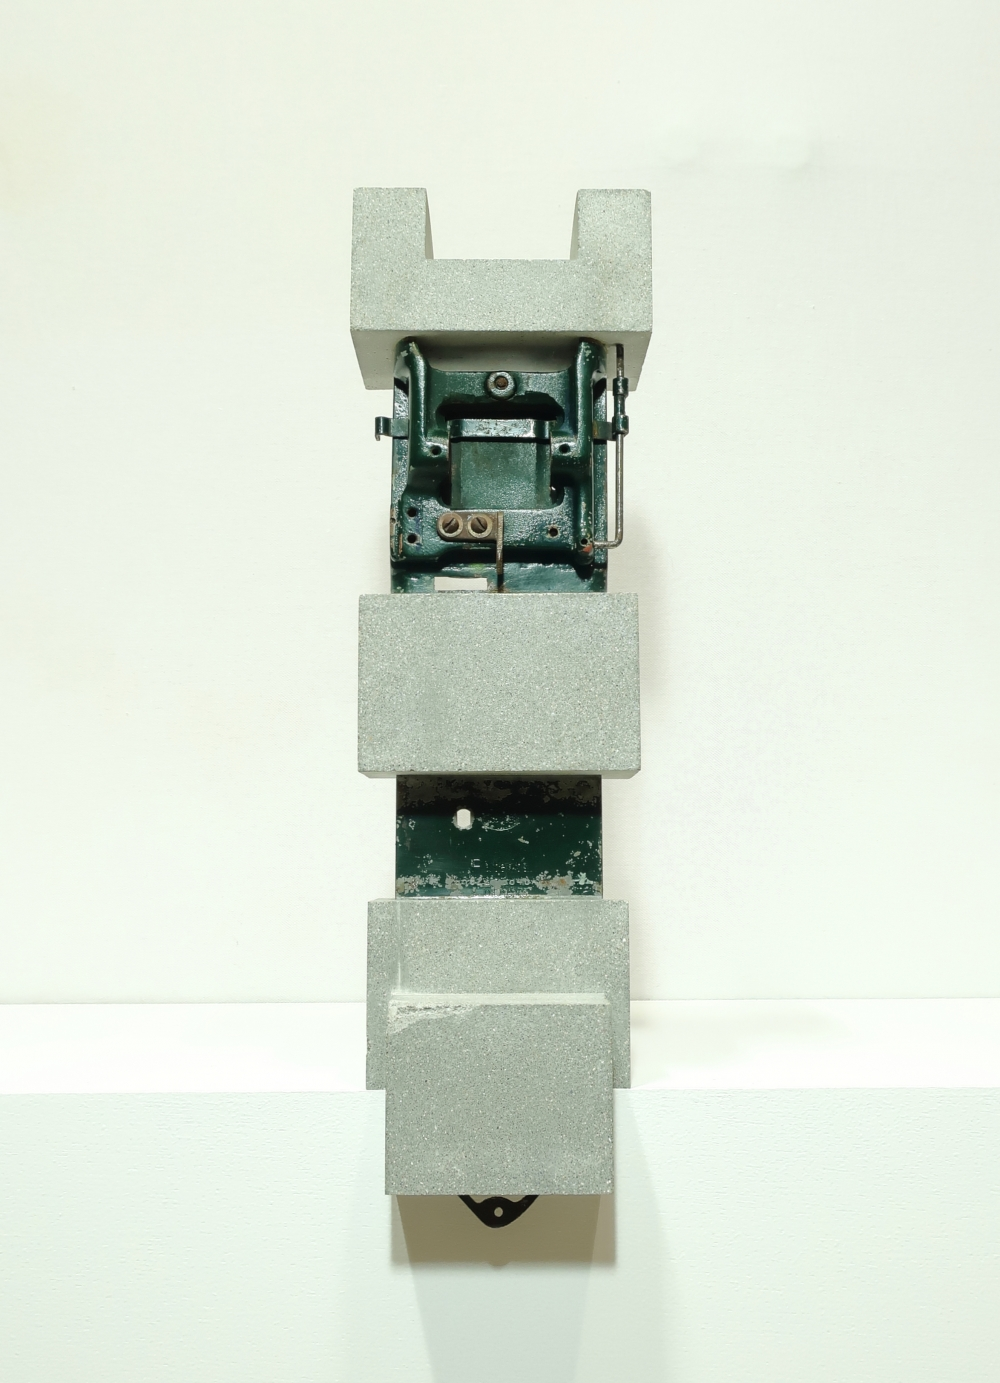 exid708wid674 / 八百万シリーズ -チェックライター・奥行き調整レバー-